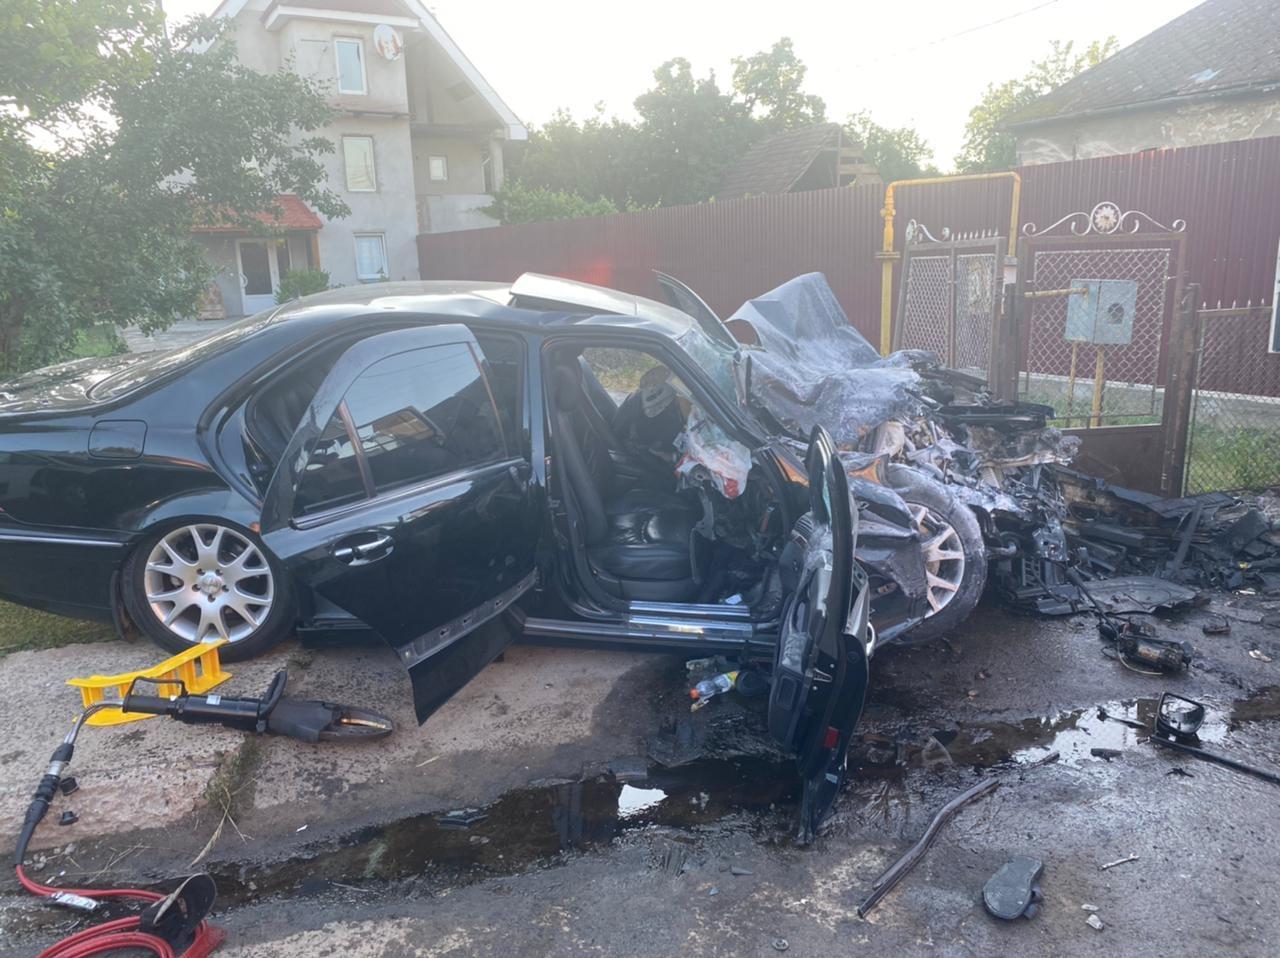 Моторошна аварія на Закарпатті: одна людина загинула, ще двоє – у реанімації